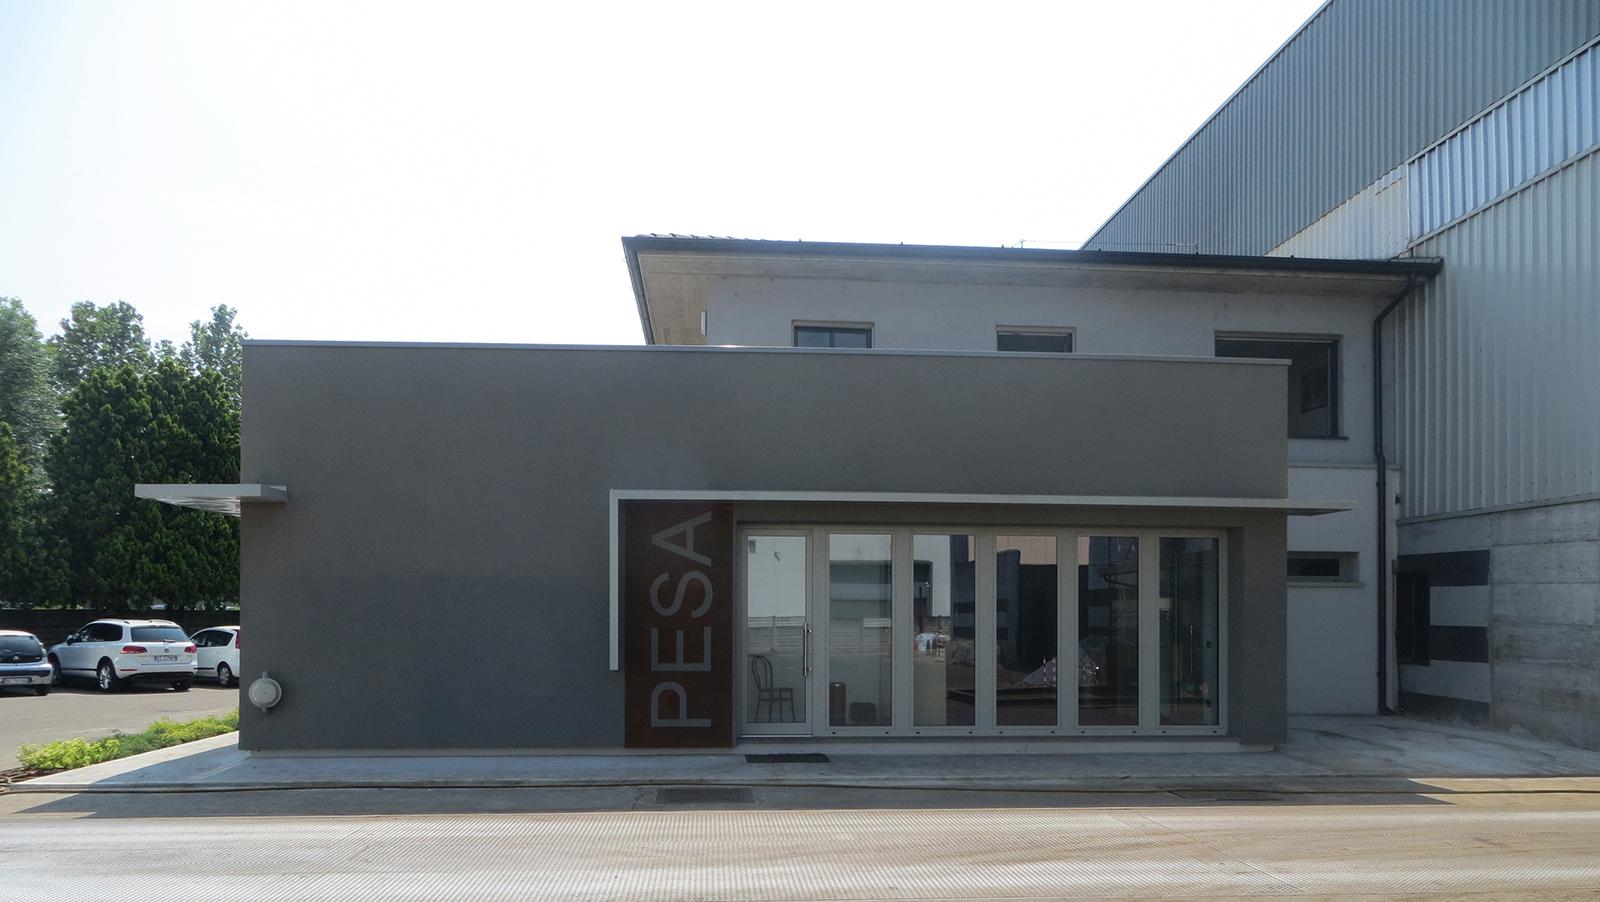 Studio-di-architettura-Baisotti-Sigala-prgetti41